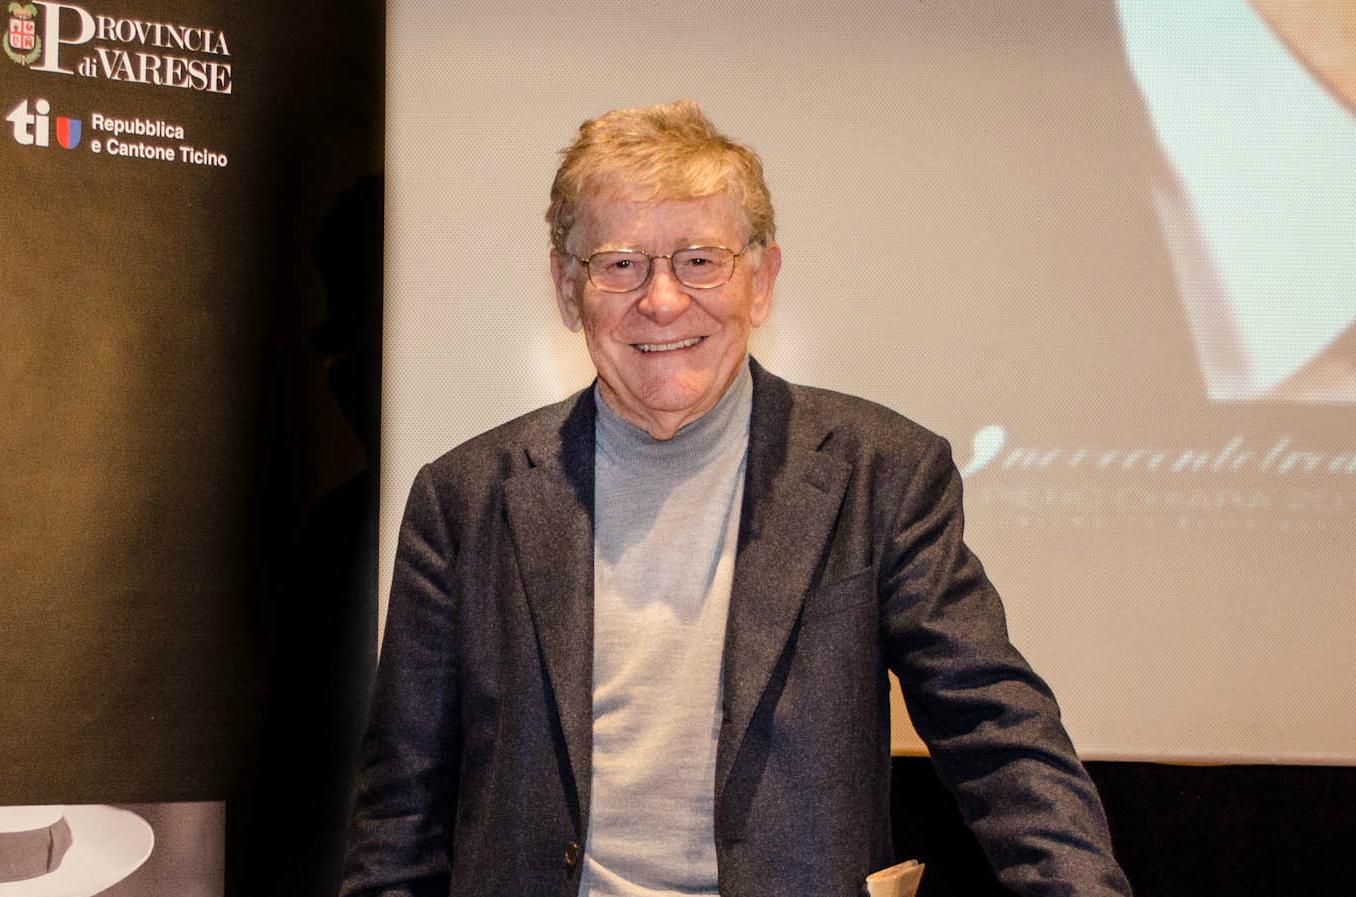 Italian film director Ermanno Olmi at the Premio Chiara 2013